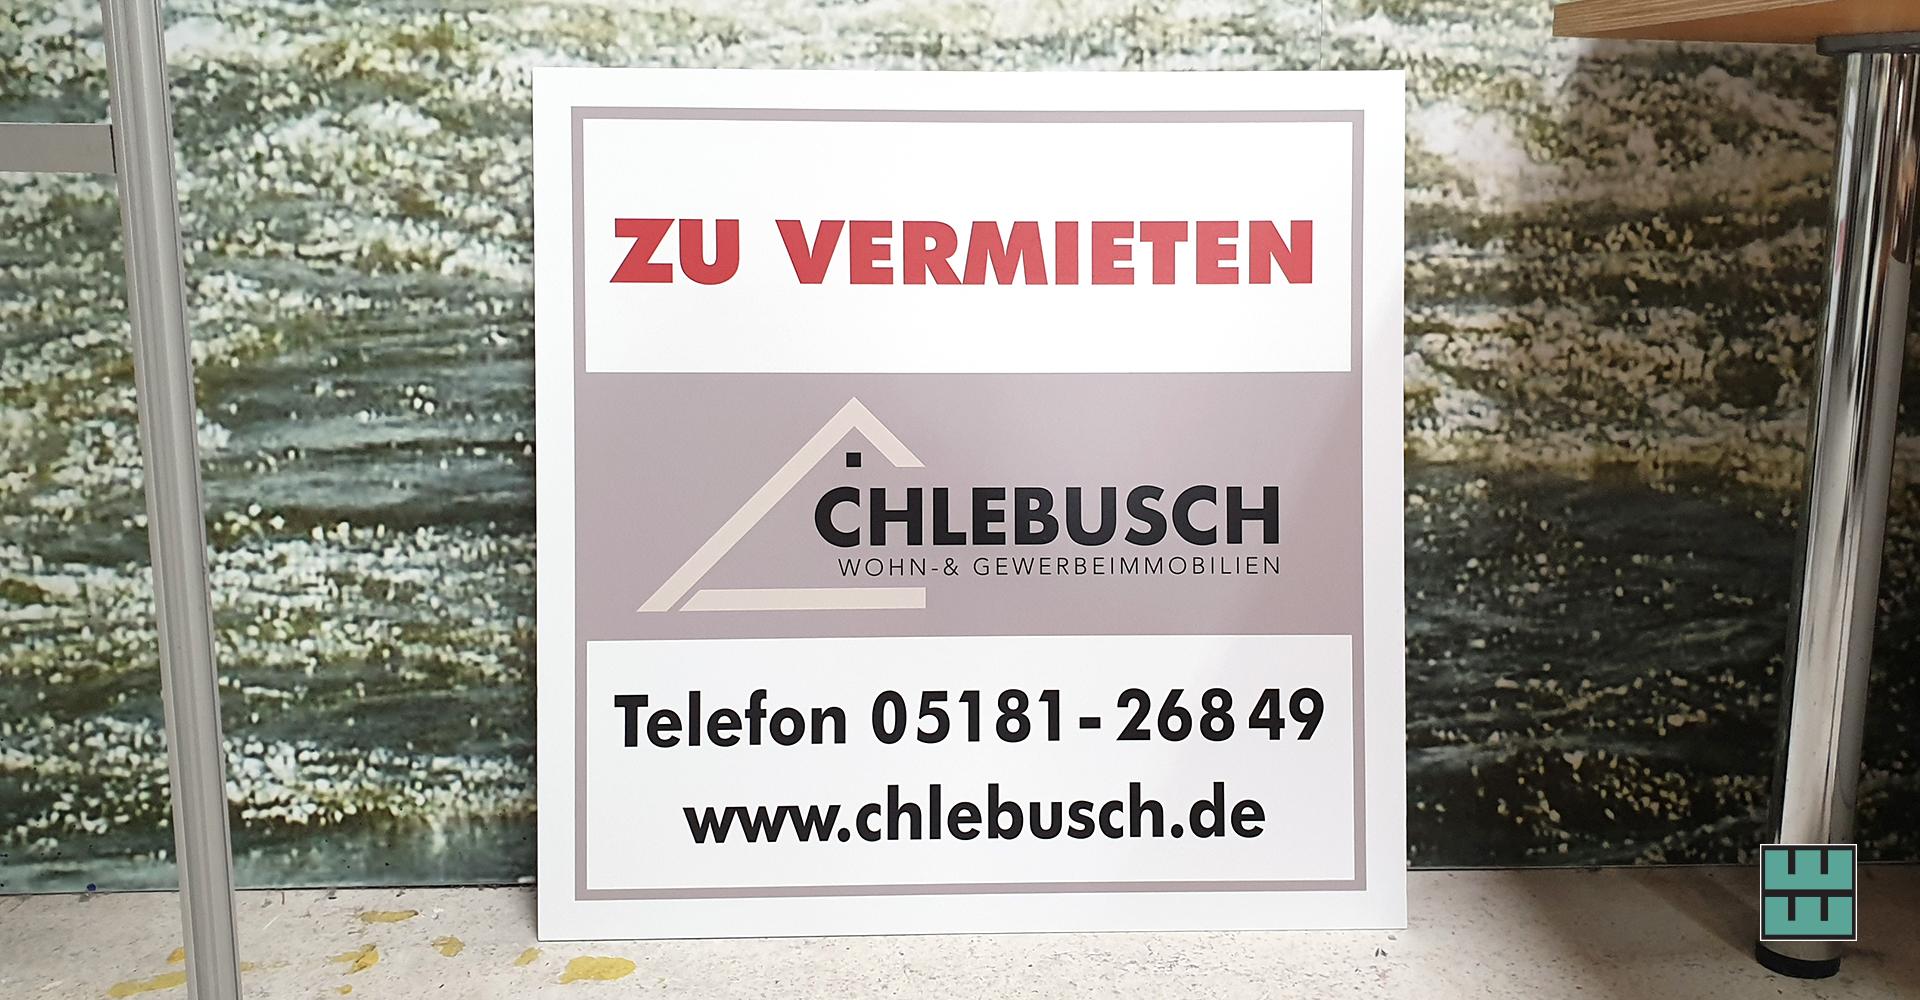 Neues Schild für Chlebusch Alfeld